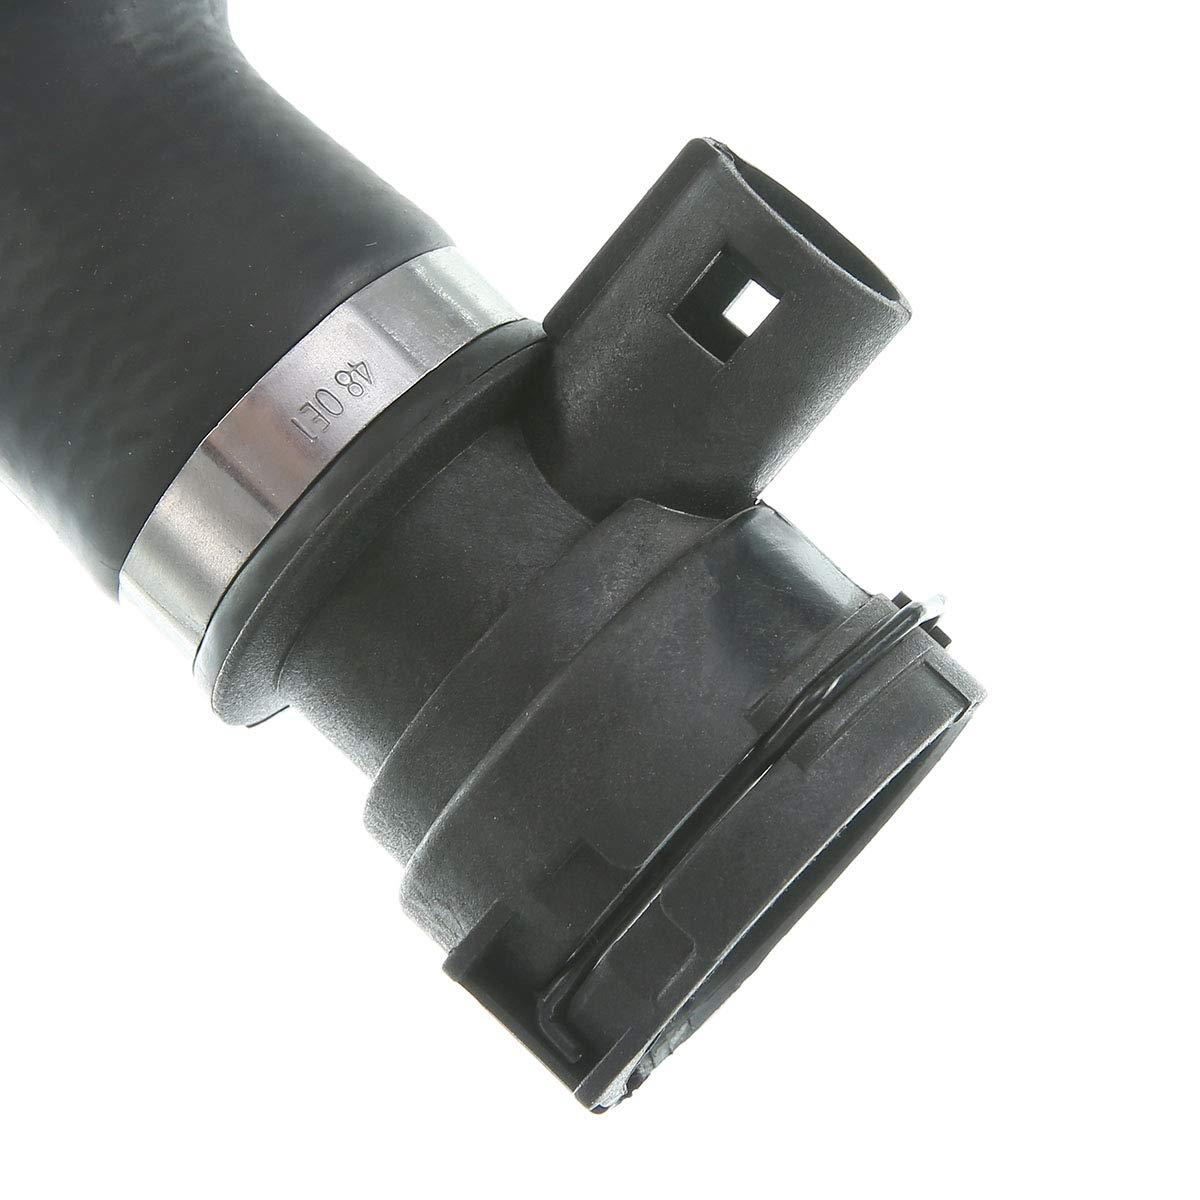 Manicotto del radiatore dellacqua destra inferiore per Serie 5 E39 520i 523i 528i 7er E38 728i iL 1995-2004 11531705224